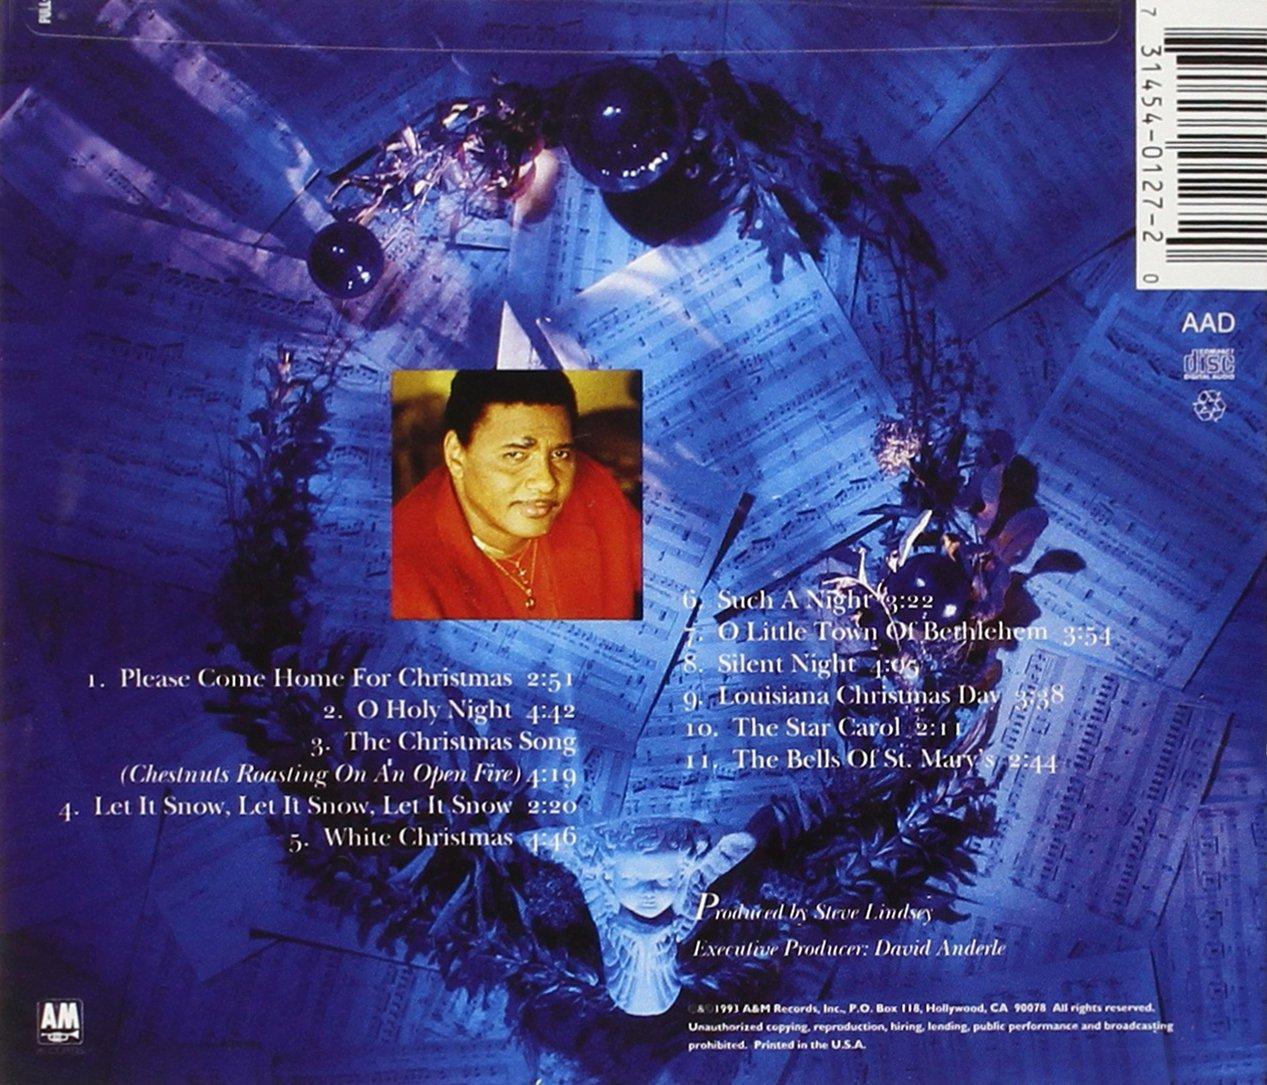 Aaron Neville - Aaron Neville's Soulful Christmas - Amazon.com Music